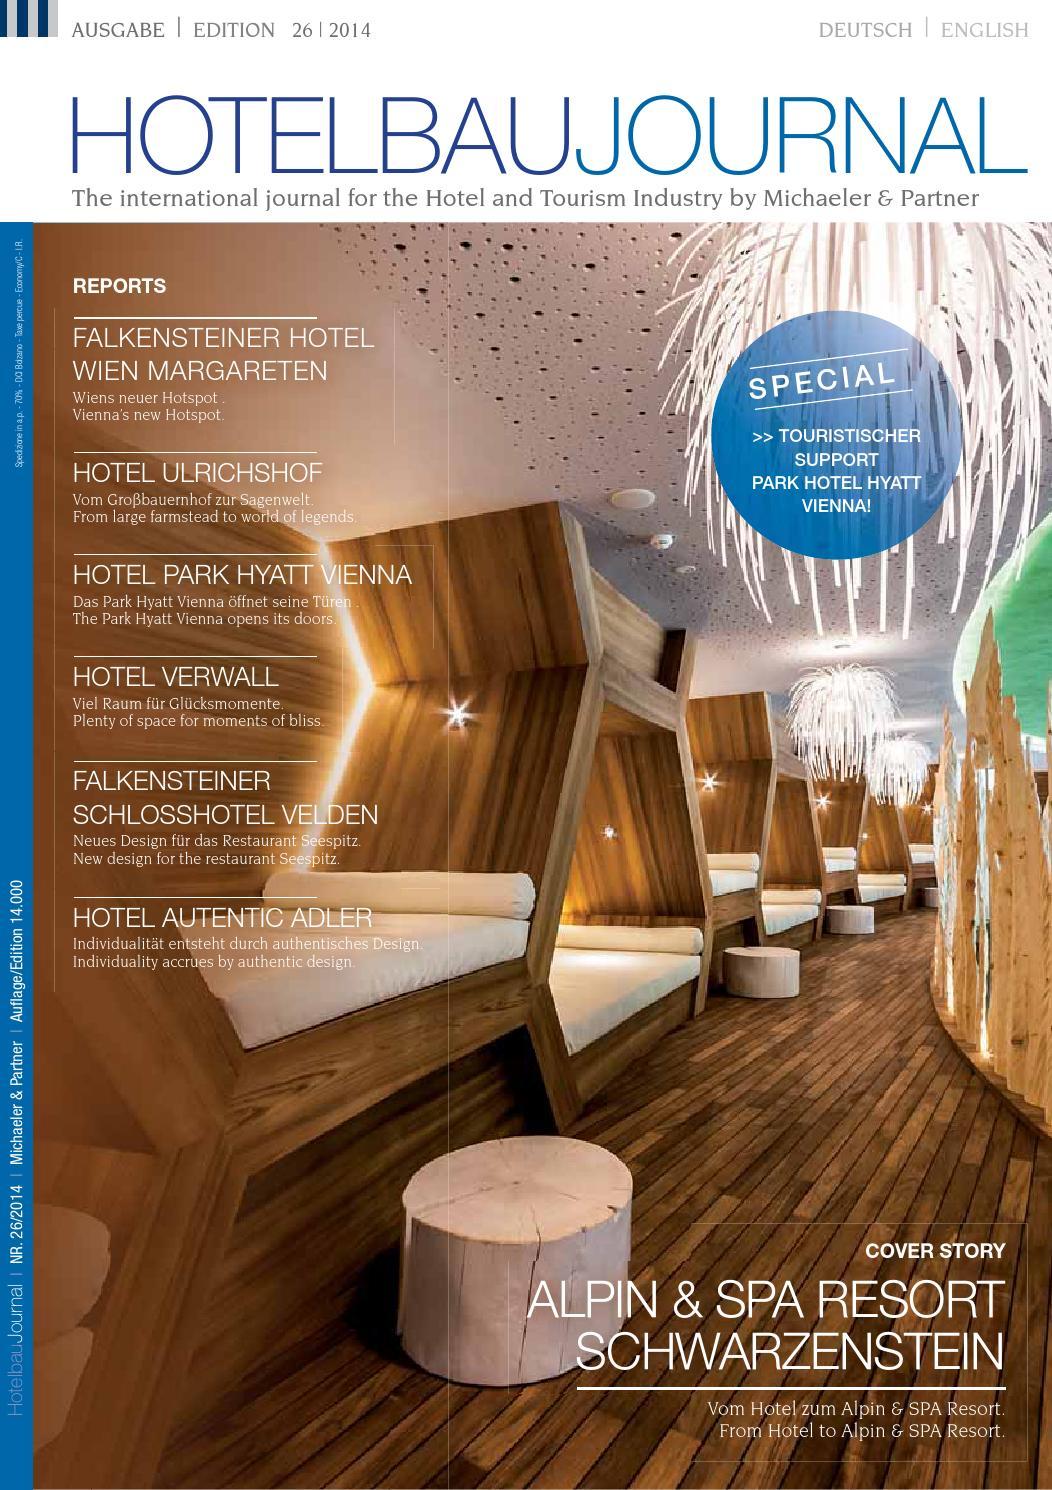 Michaeler & Partner HOTELBAU JOURNAL 26 by Michaeler & Partner - issuu